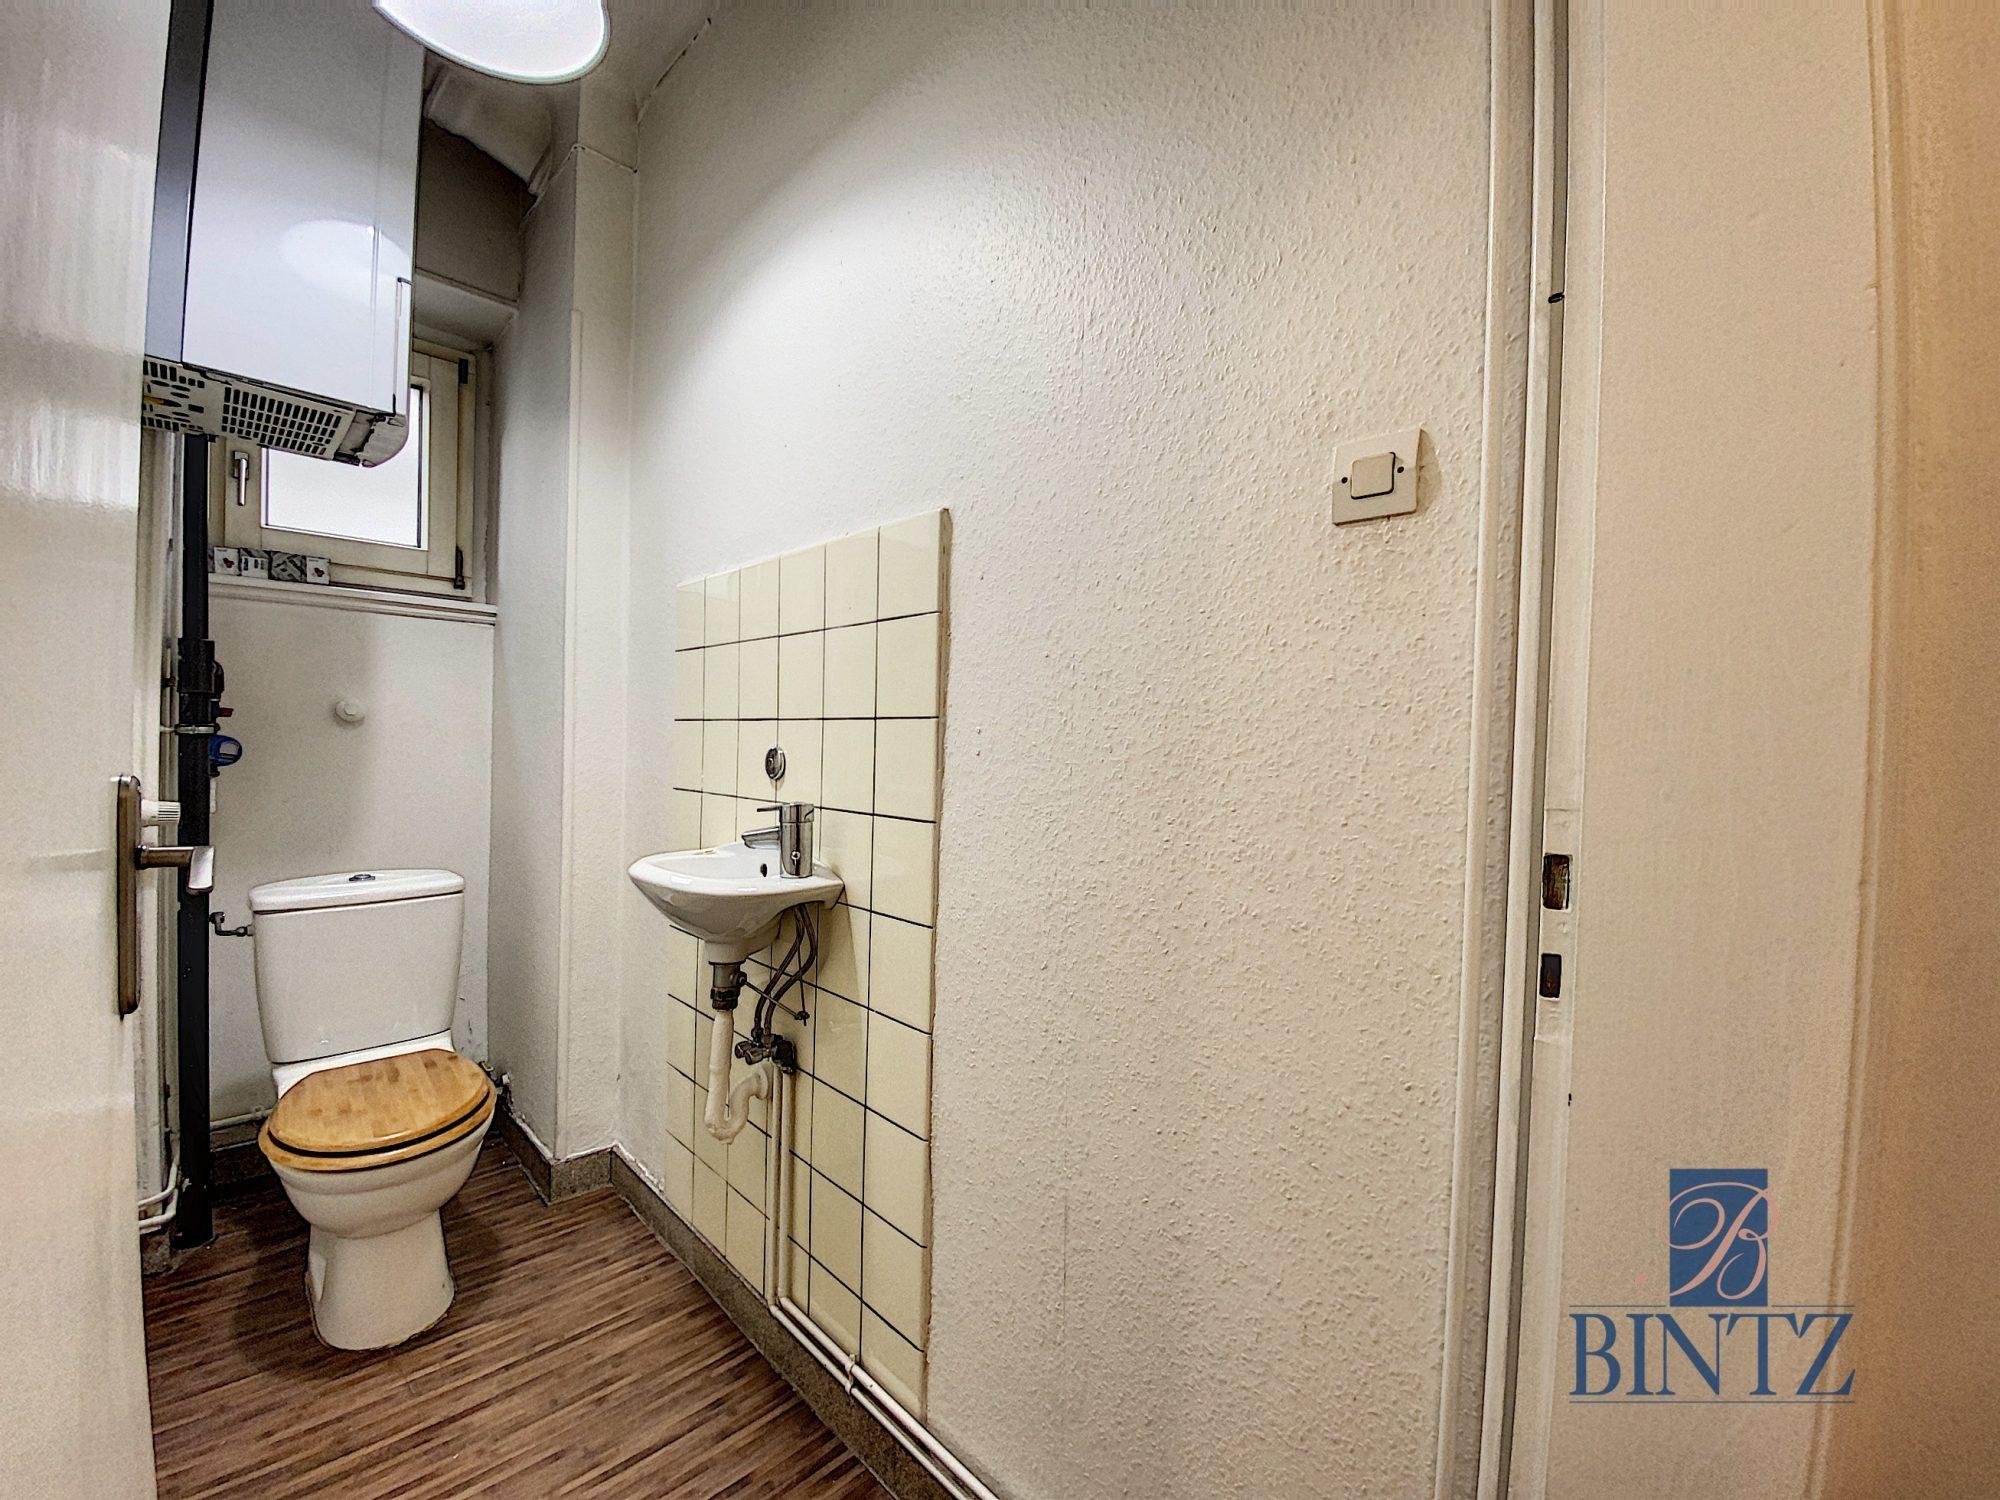 3P avec terrasse orangerie - Devenez locataire en toute sérénité - Bintz Immobilier - 14